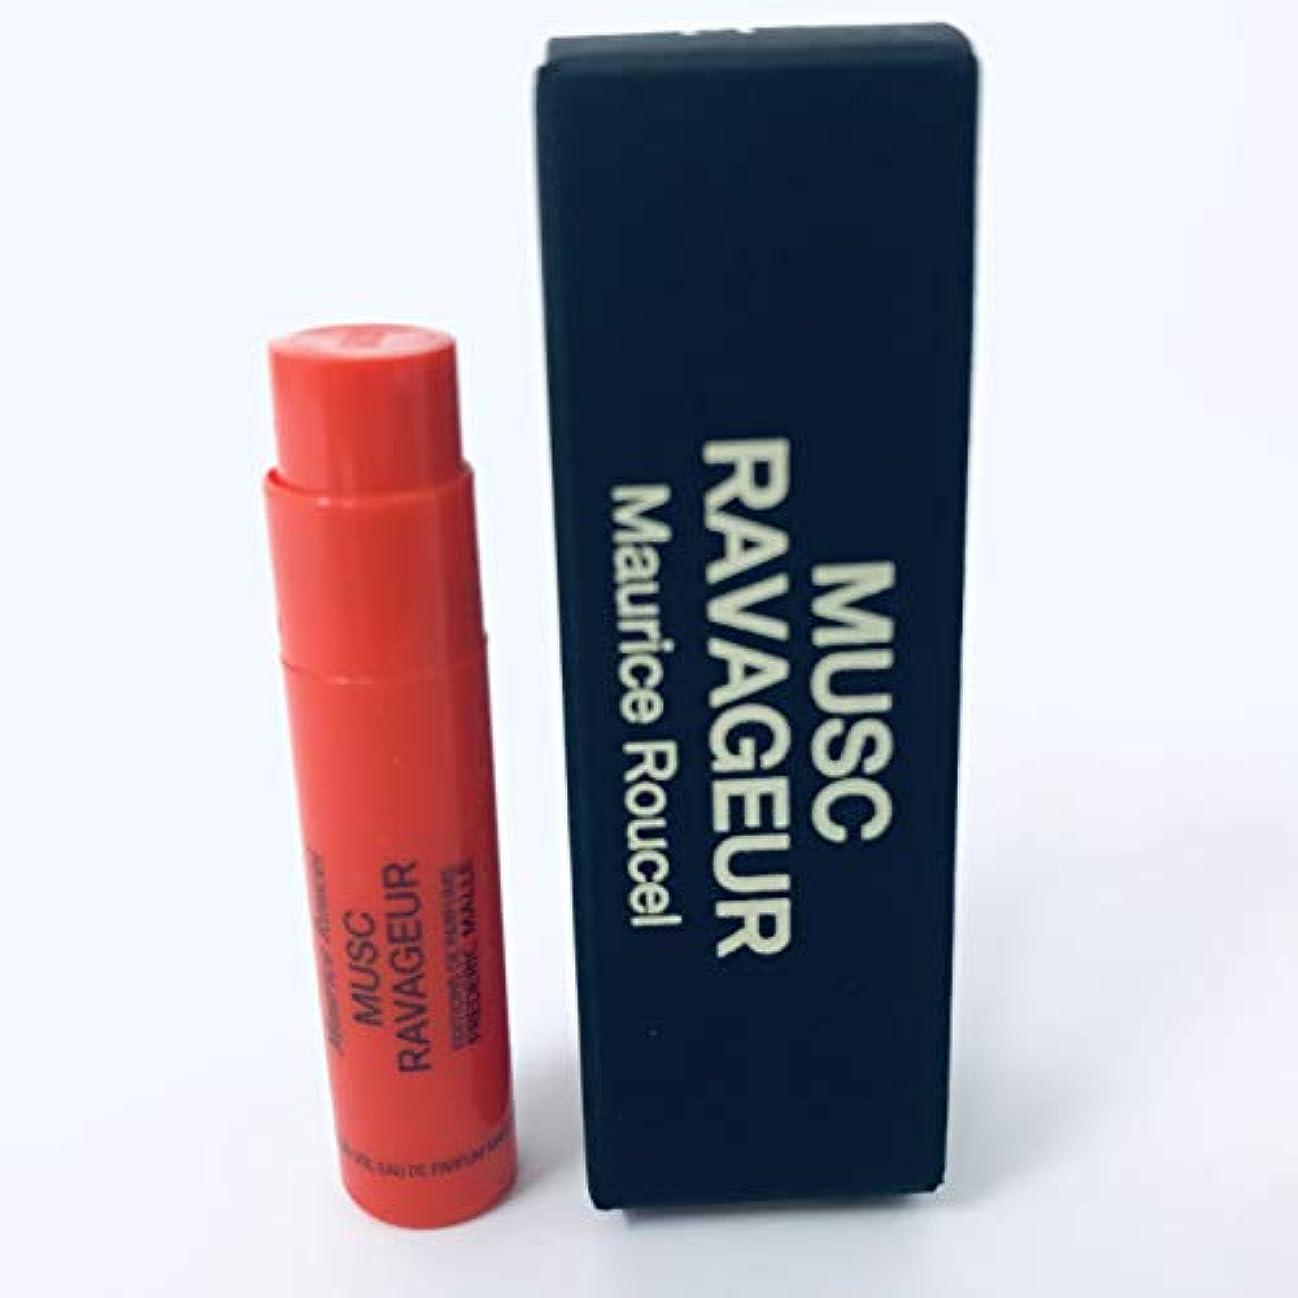 ペフ石化するもしFrederic Malle Musc Ravageur (フレデリック マル ムスク ラバジェール) 0.05 oz (1.5ml) EDP Sample サンプル Spray for Women